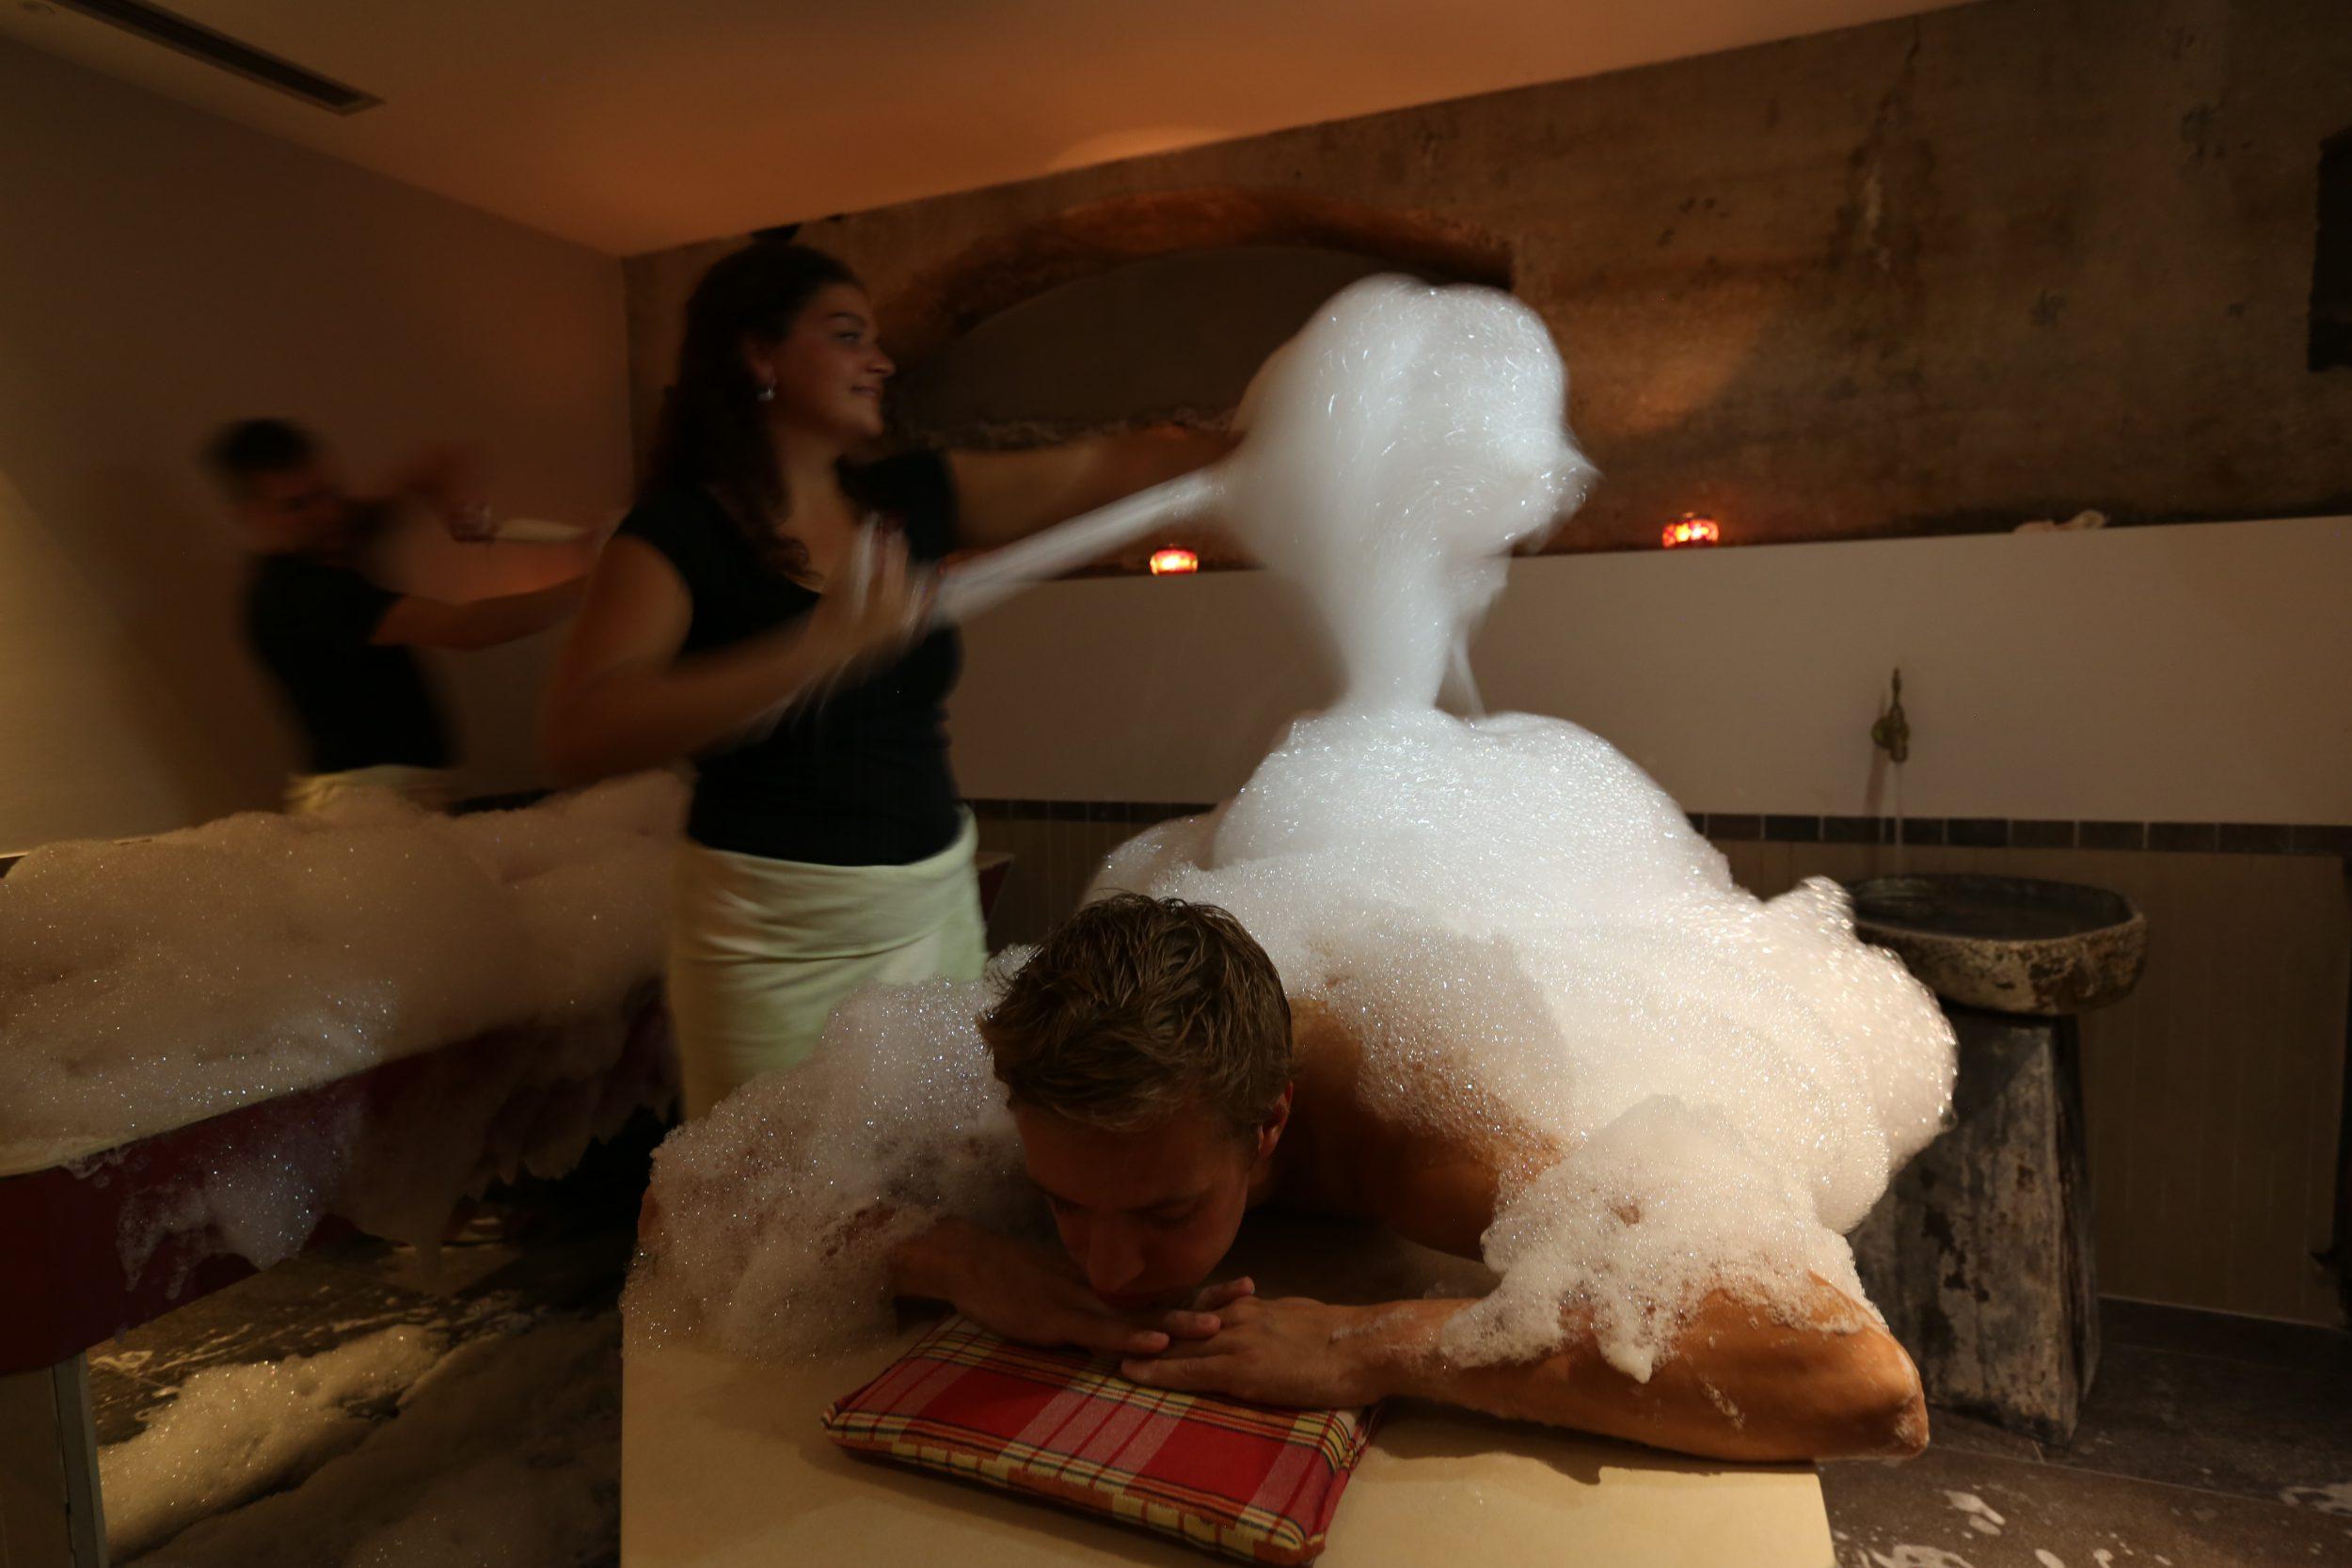 Een ritueel met zeep, schuim en scrub. Het weldadige hammam ritueel bij Fort Resort Beemster.